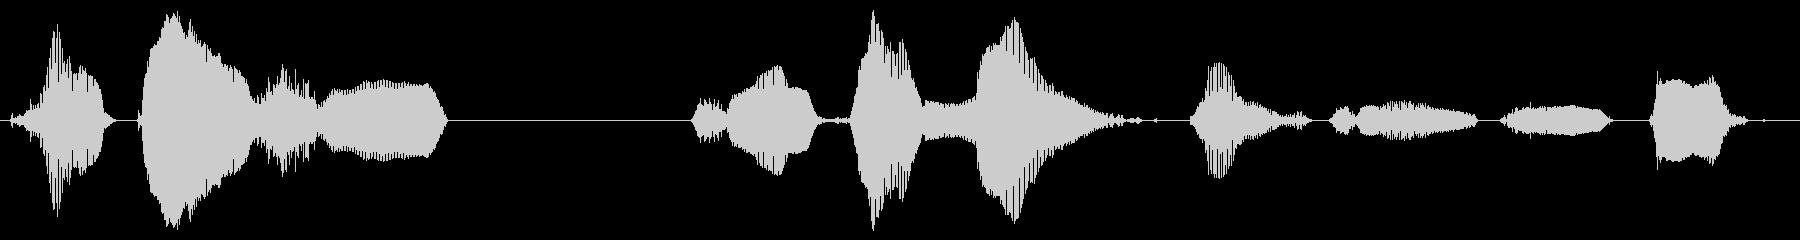 【中国語】並んでゆっくり進んでくださいの未再生の波形